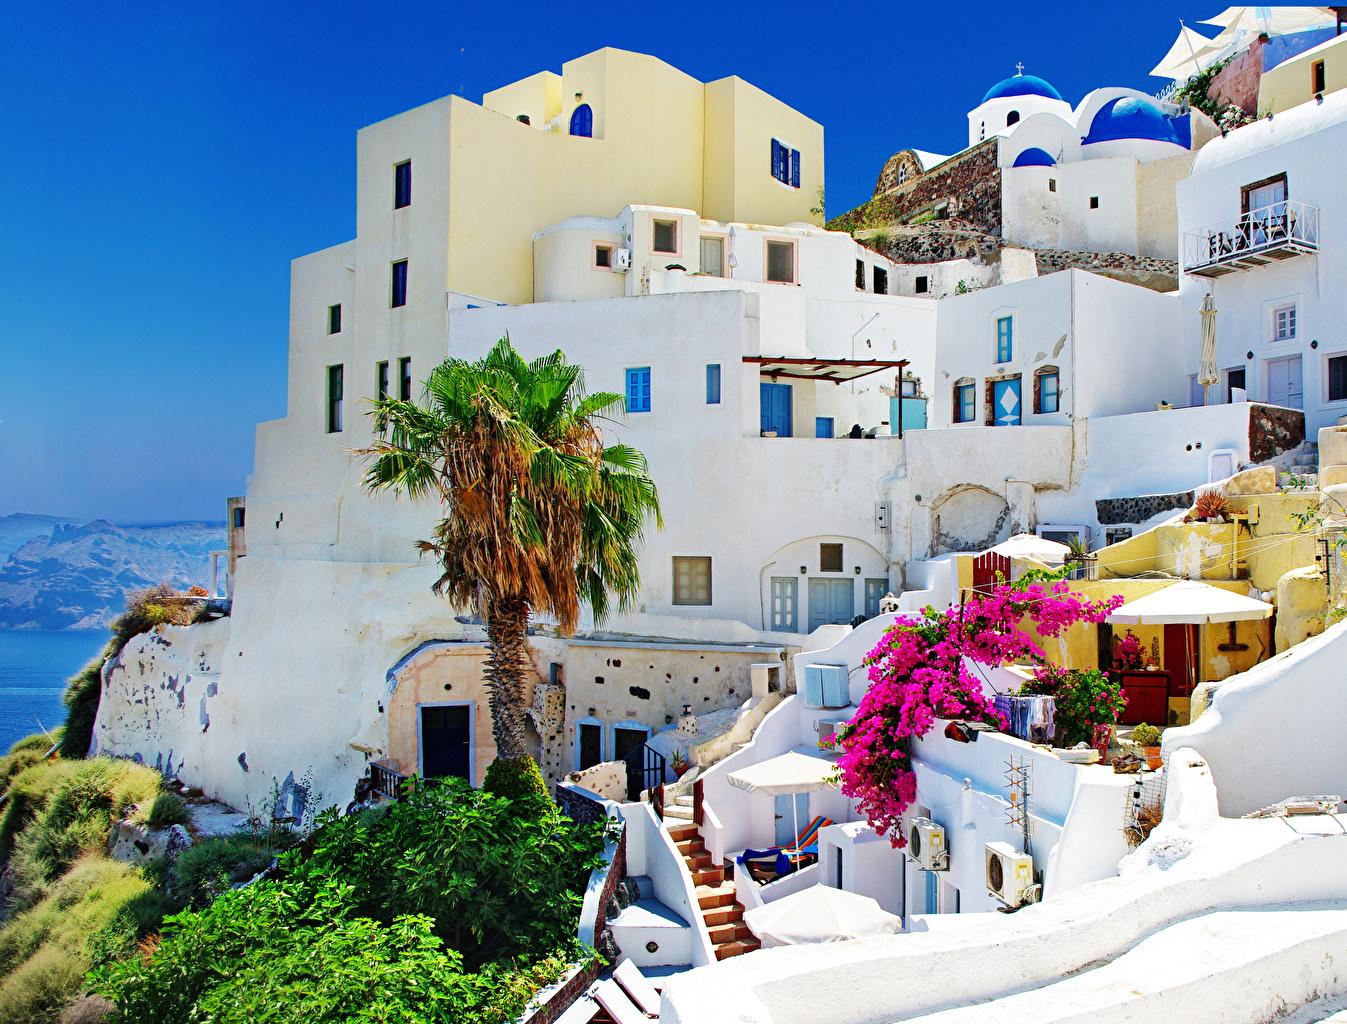 Обои для рабочего стола Фира Греция Пальмы Дома Города Тира Санторини пальм пальма город Здания